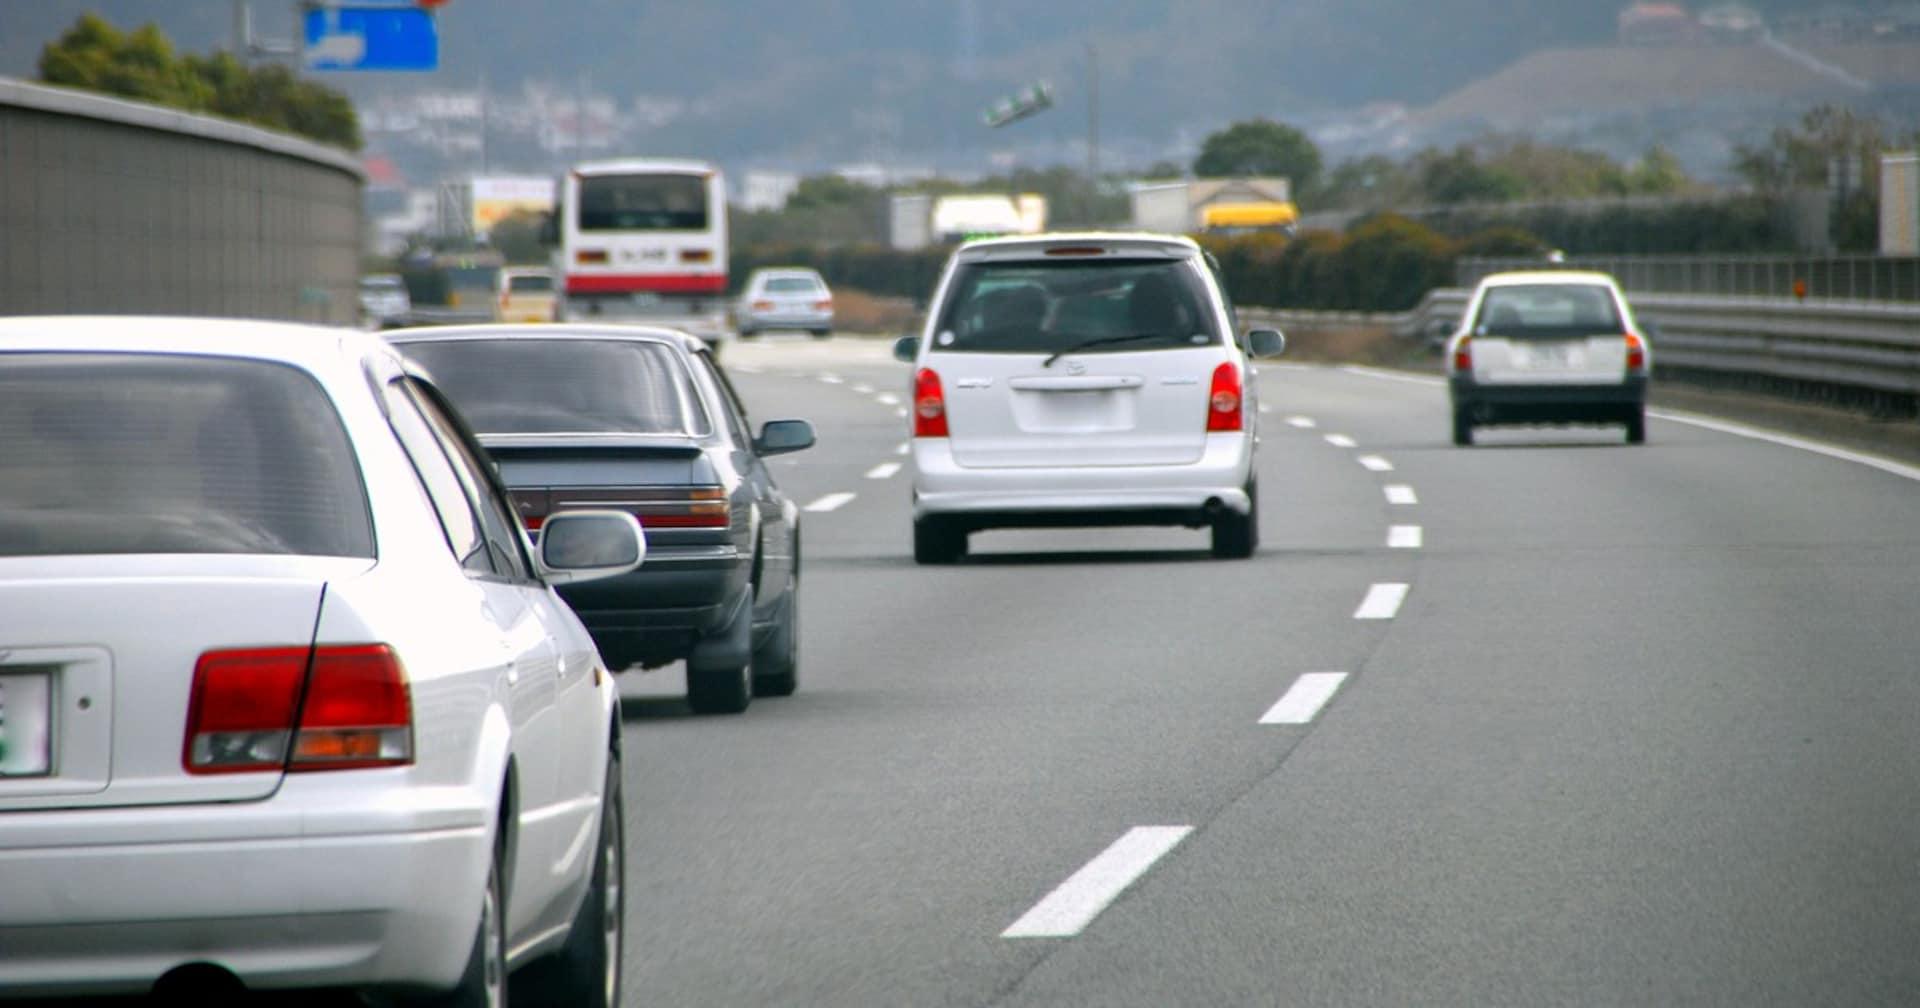 煽り運転摘発の新兵器にご注意! 煽る側も煽られる側も知っておきたい「車間距離」問題